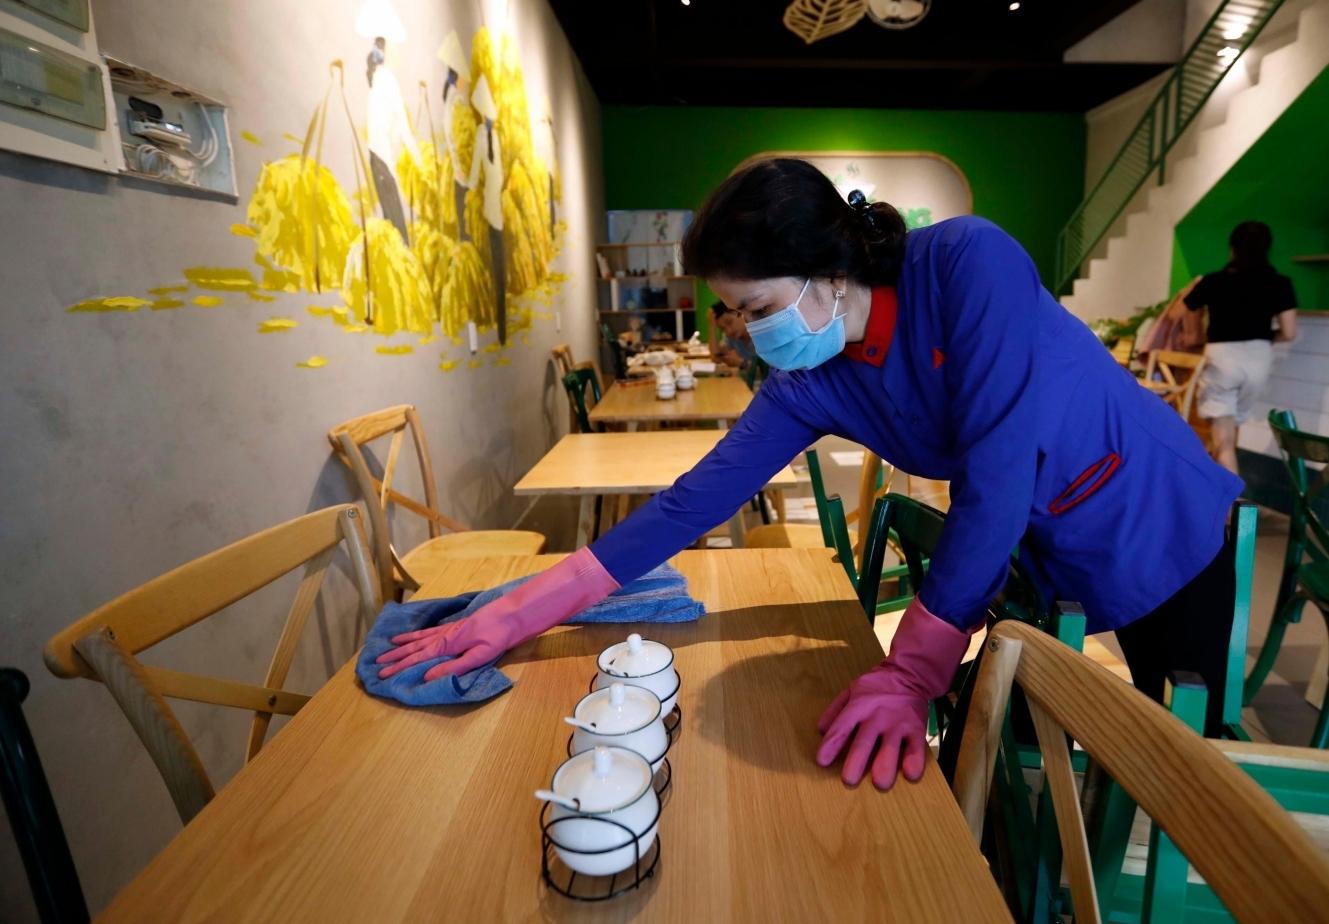 TP HCM: Hàng quán ăn uống phục vụ tại chỗ được mở lại như thế nào?